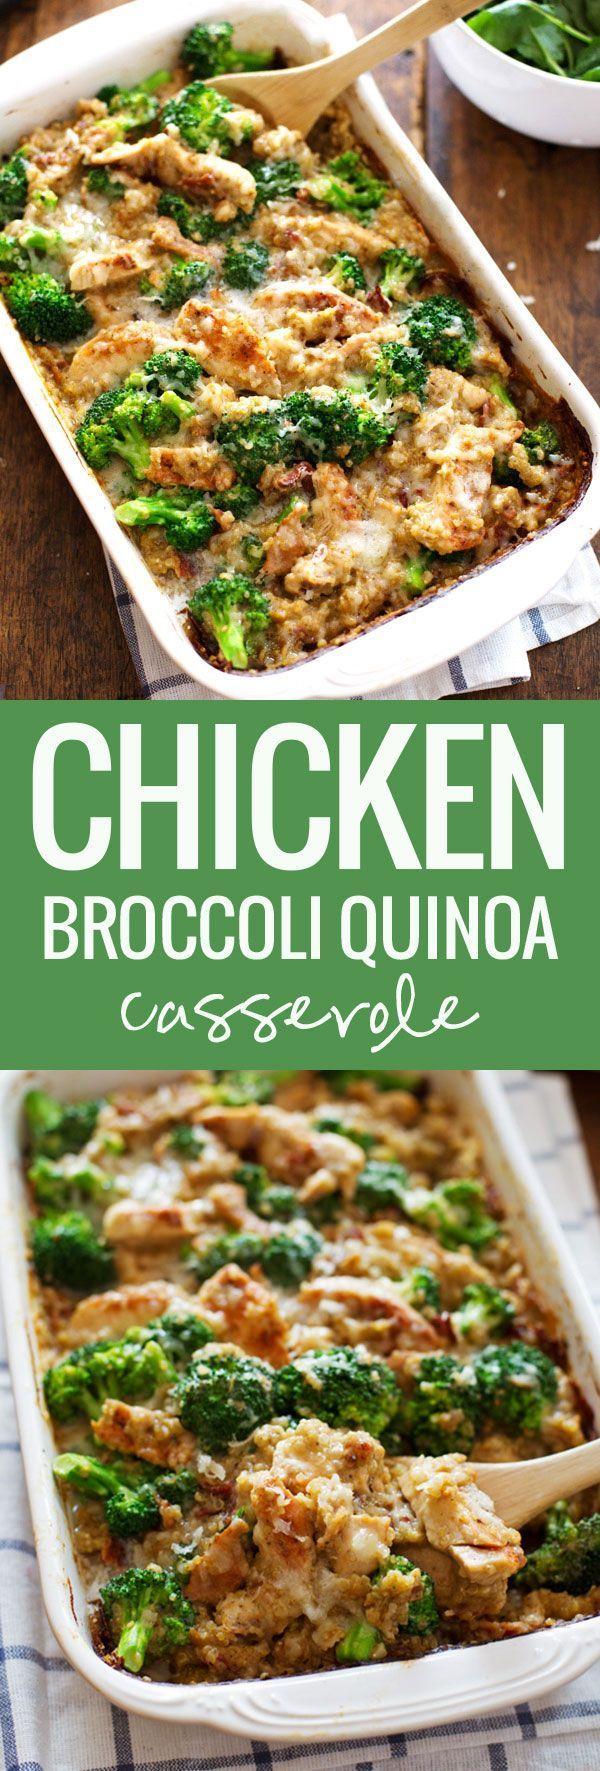 Creamy Chicken Quinoa and Broccoli Casserole - Pinch of Yum